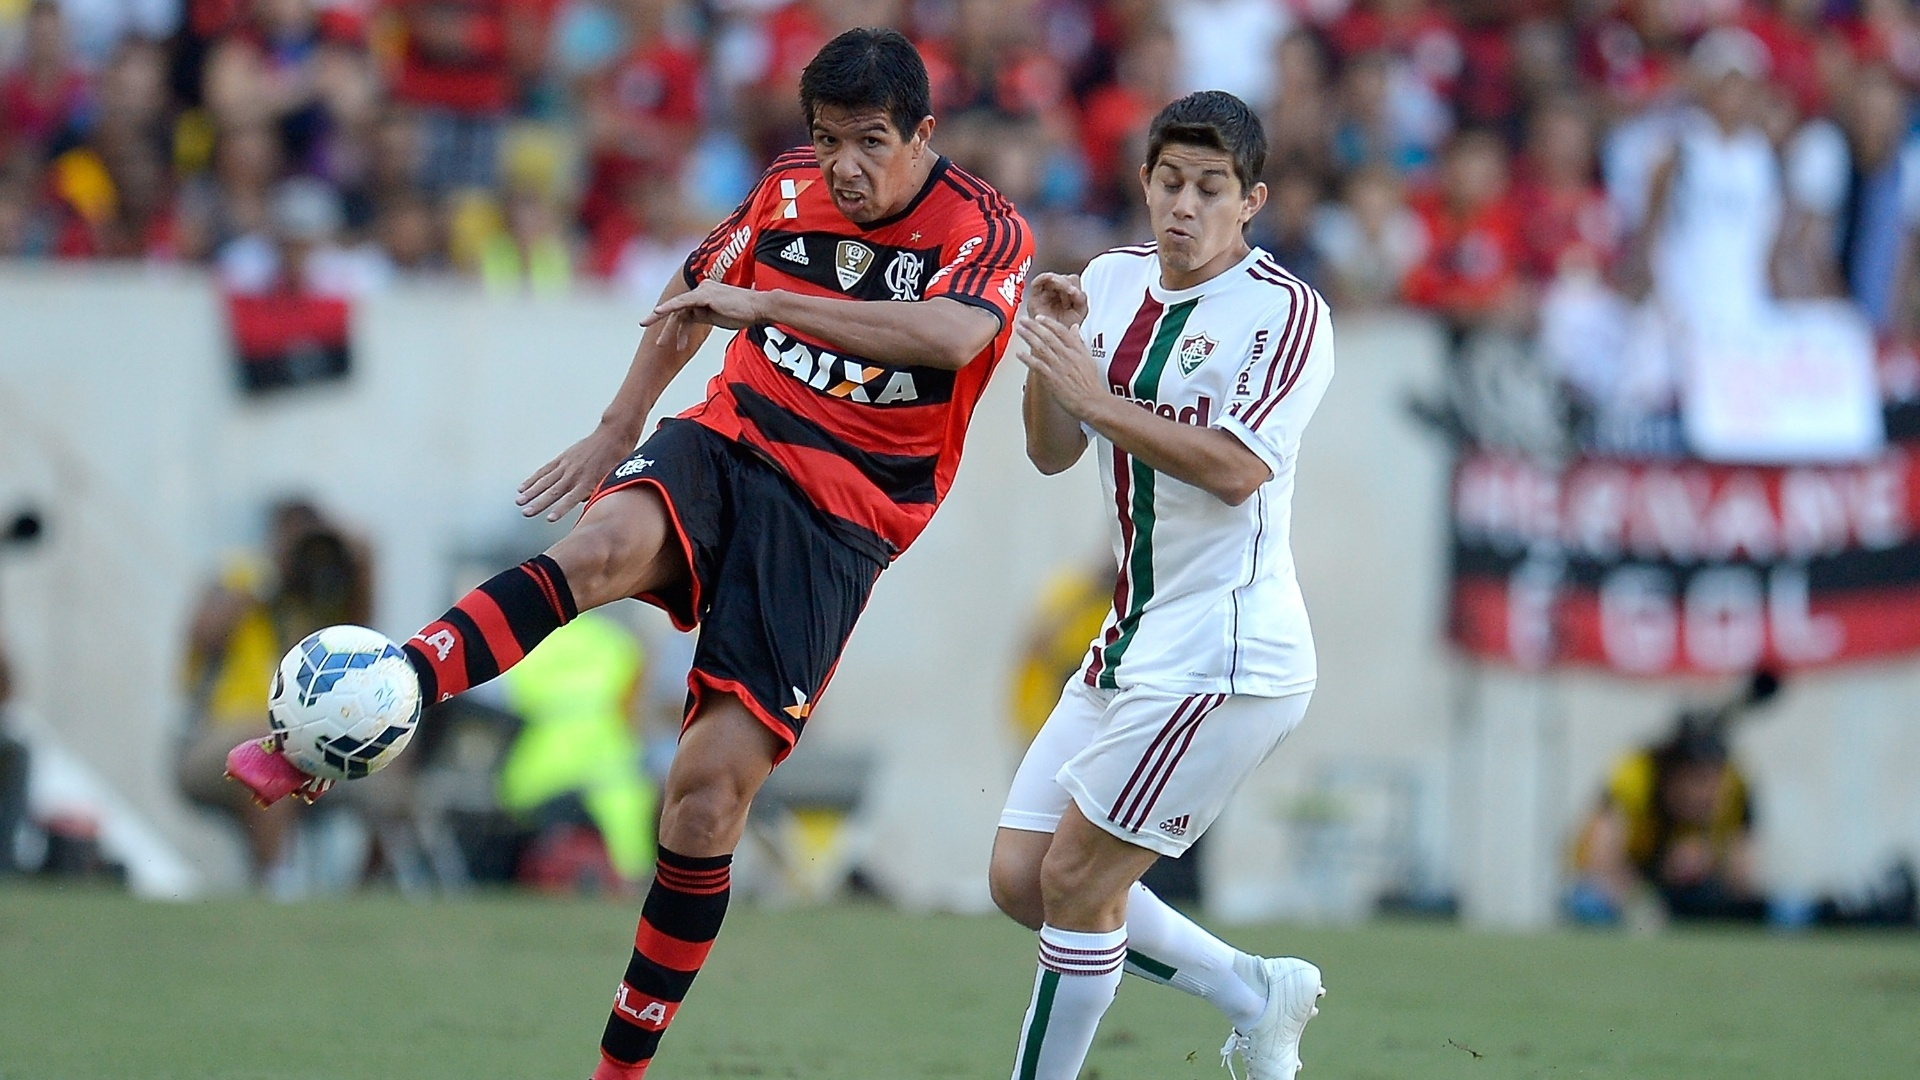 Victor Cáceres, do Flamengo, arrisca chute enquanto é combatido por Conca, do Fluminense - 11.05.14